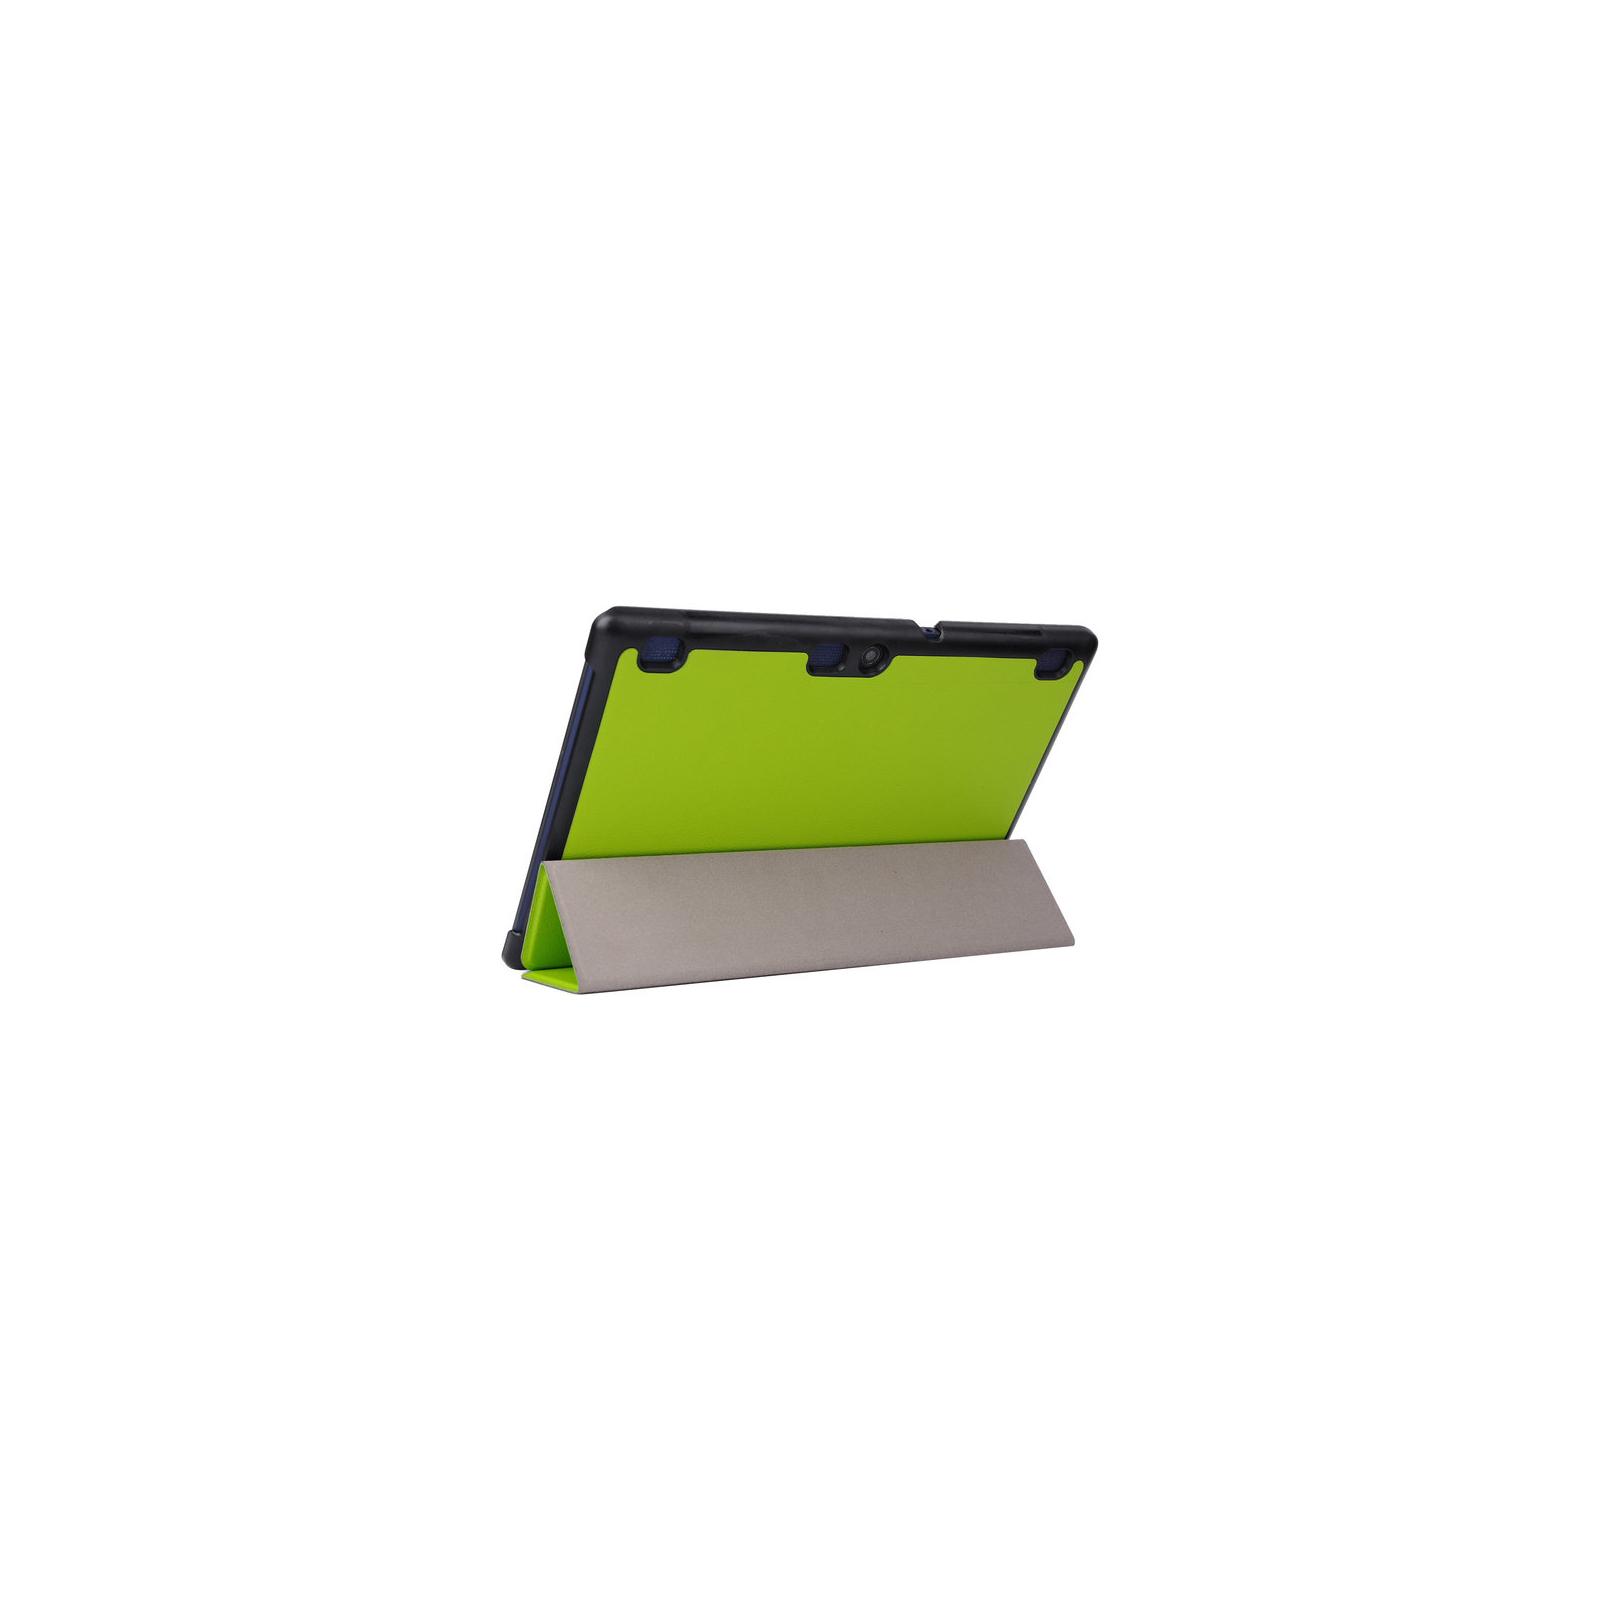 Чехол для планшета AirOn для Lenovo Tab 2 A10 green (4822352770013) изображение 5